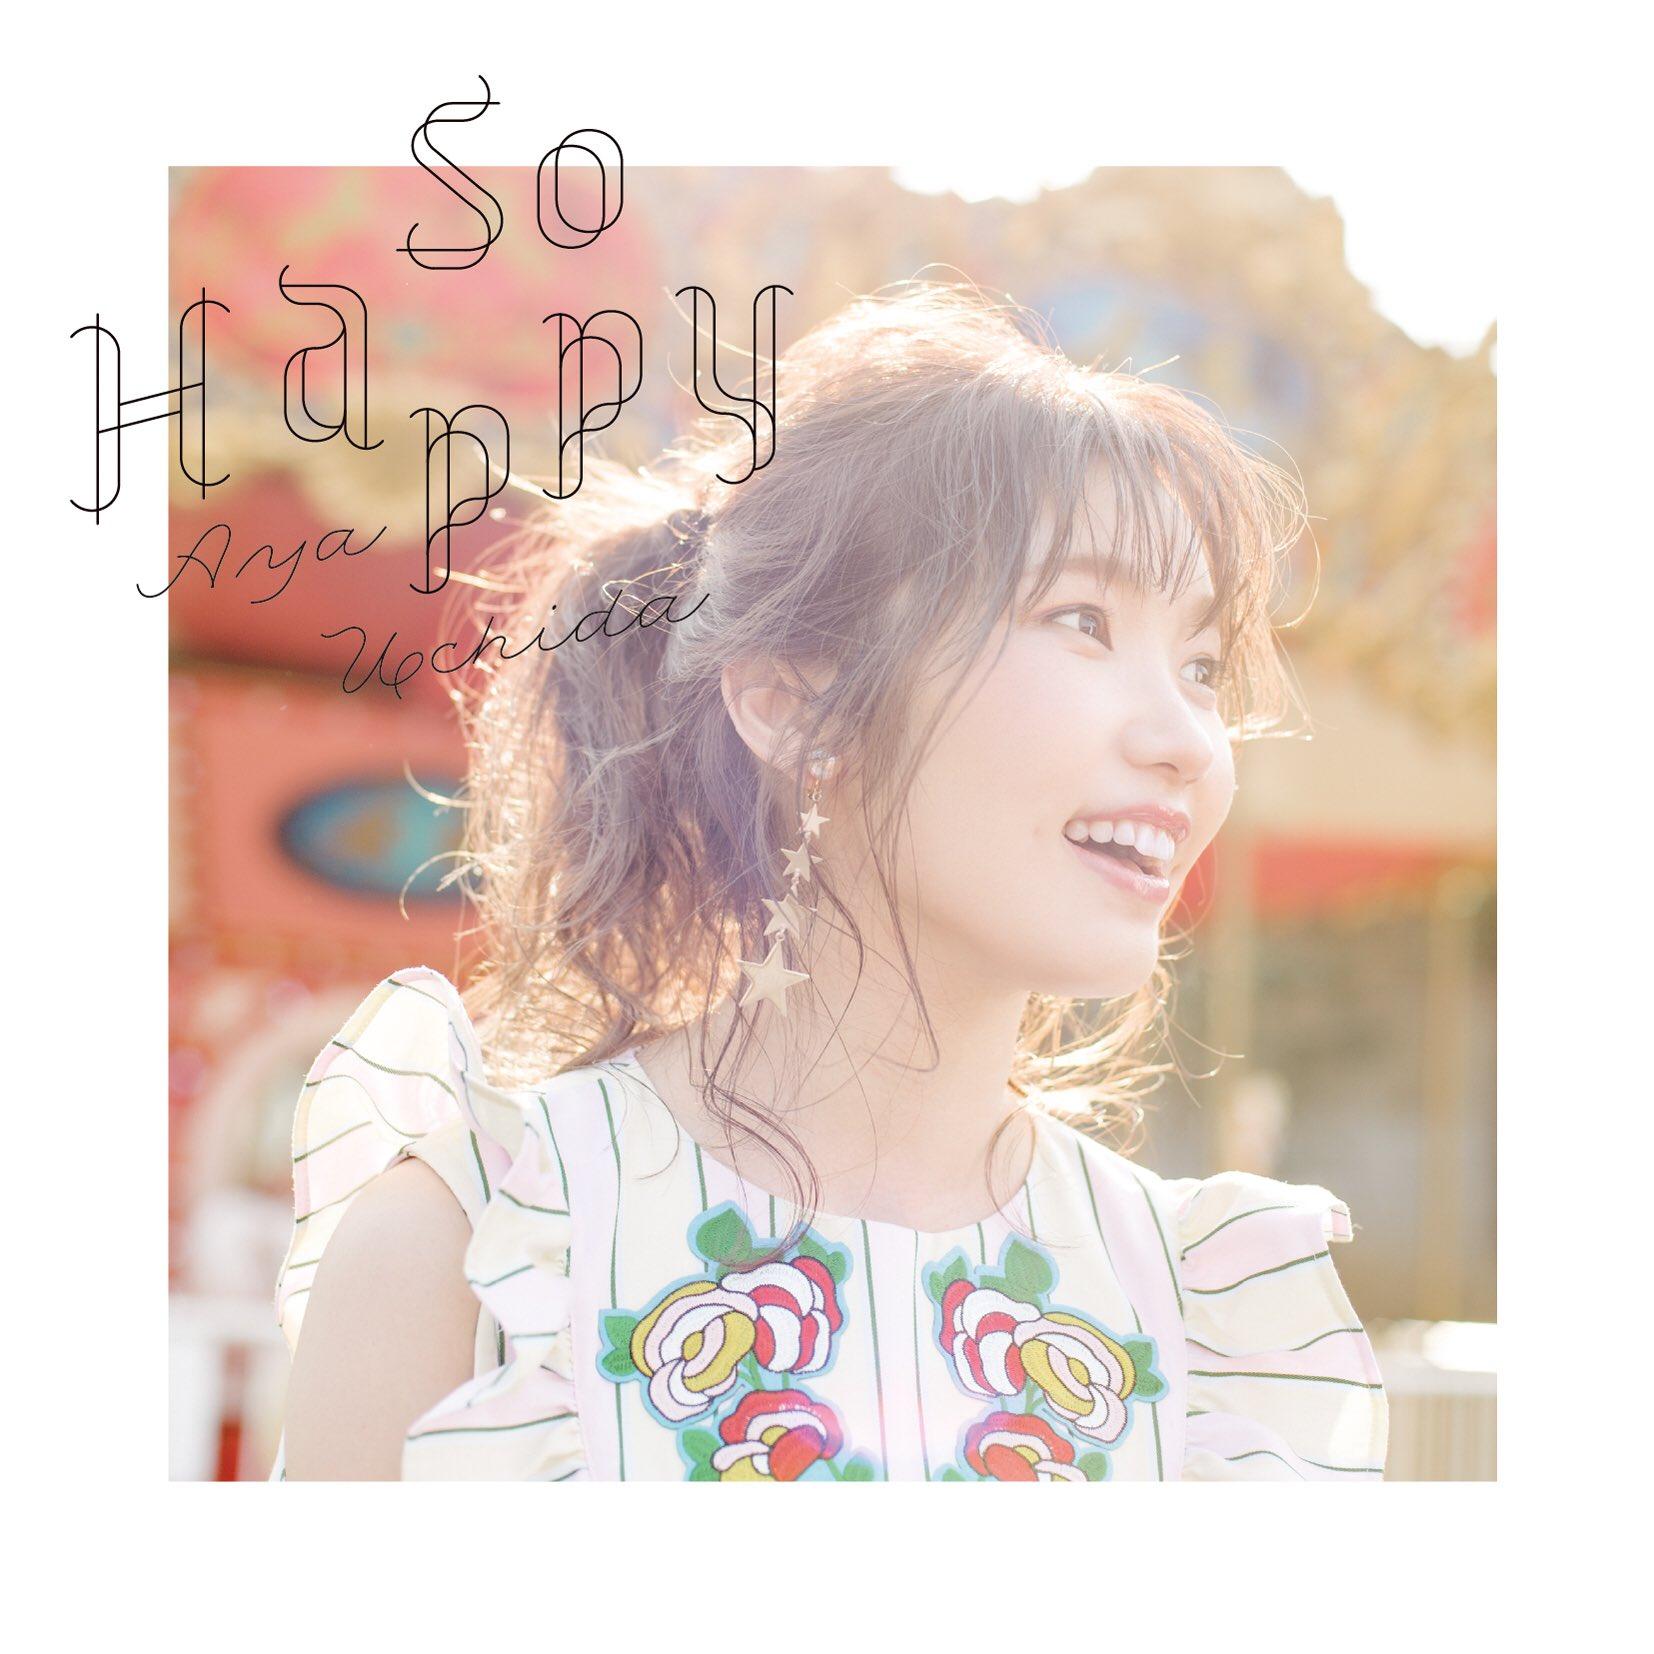 人气声优歌手内田彩二单《So Happy》写真MV公布-ANICOGA